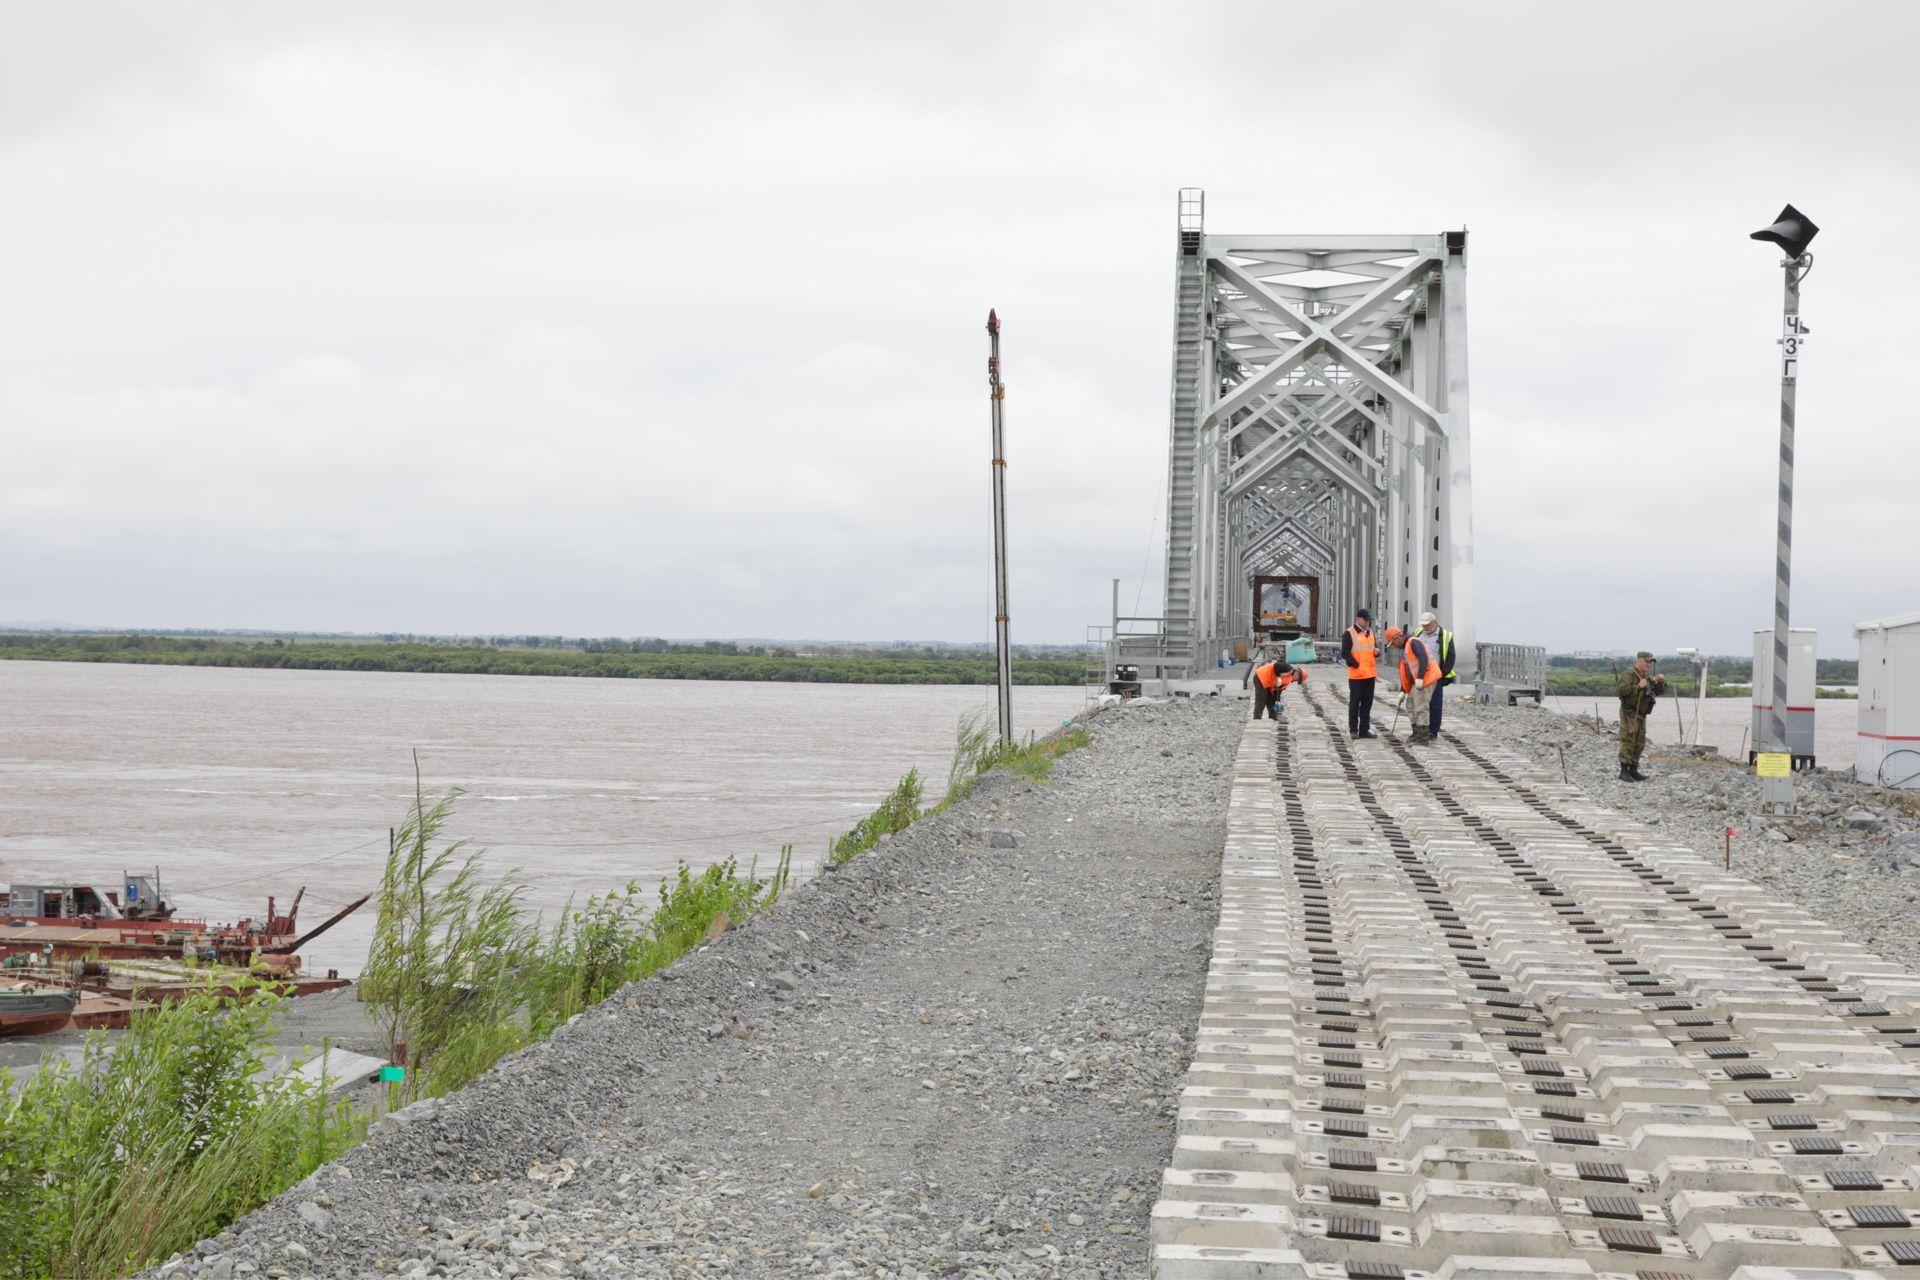 Между двух стран: когда же заработает трансграничный мост в ЕАО?